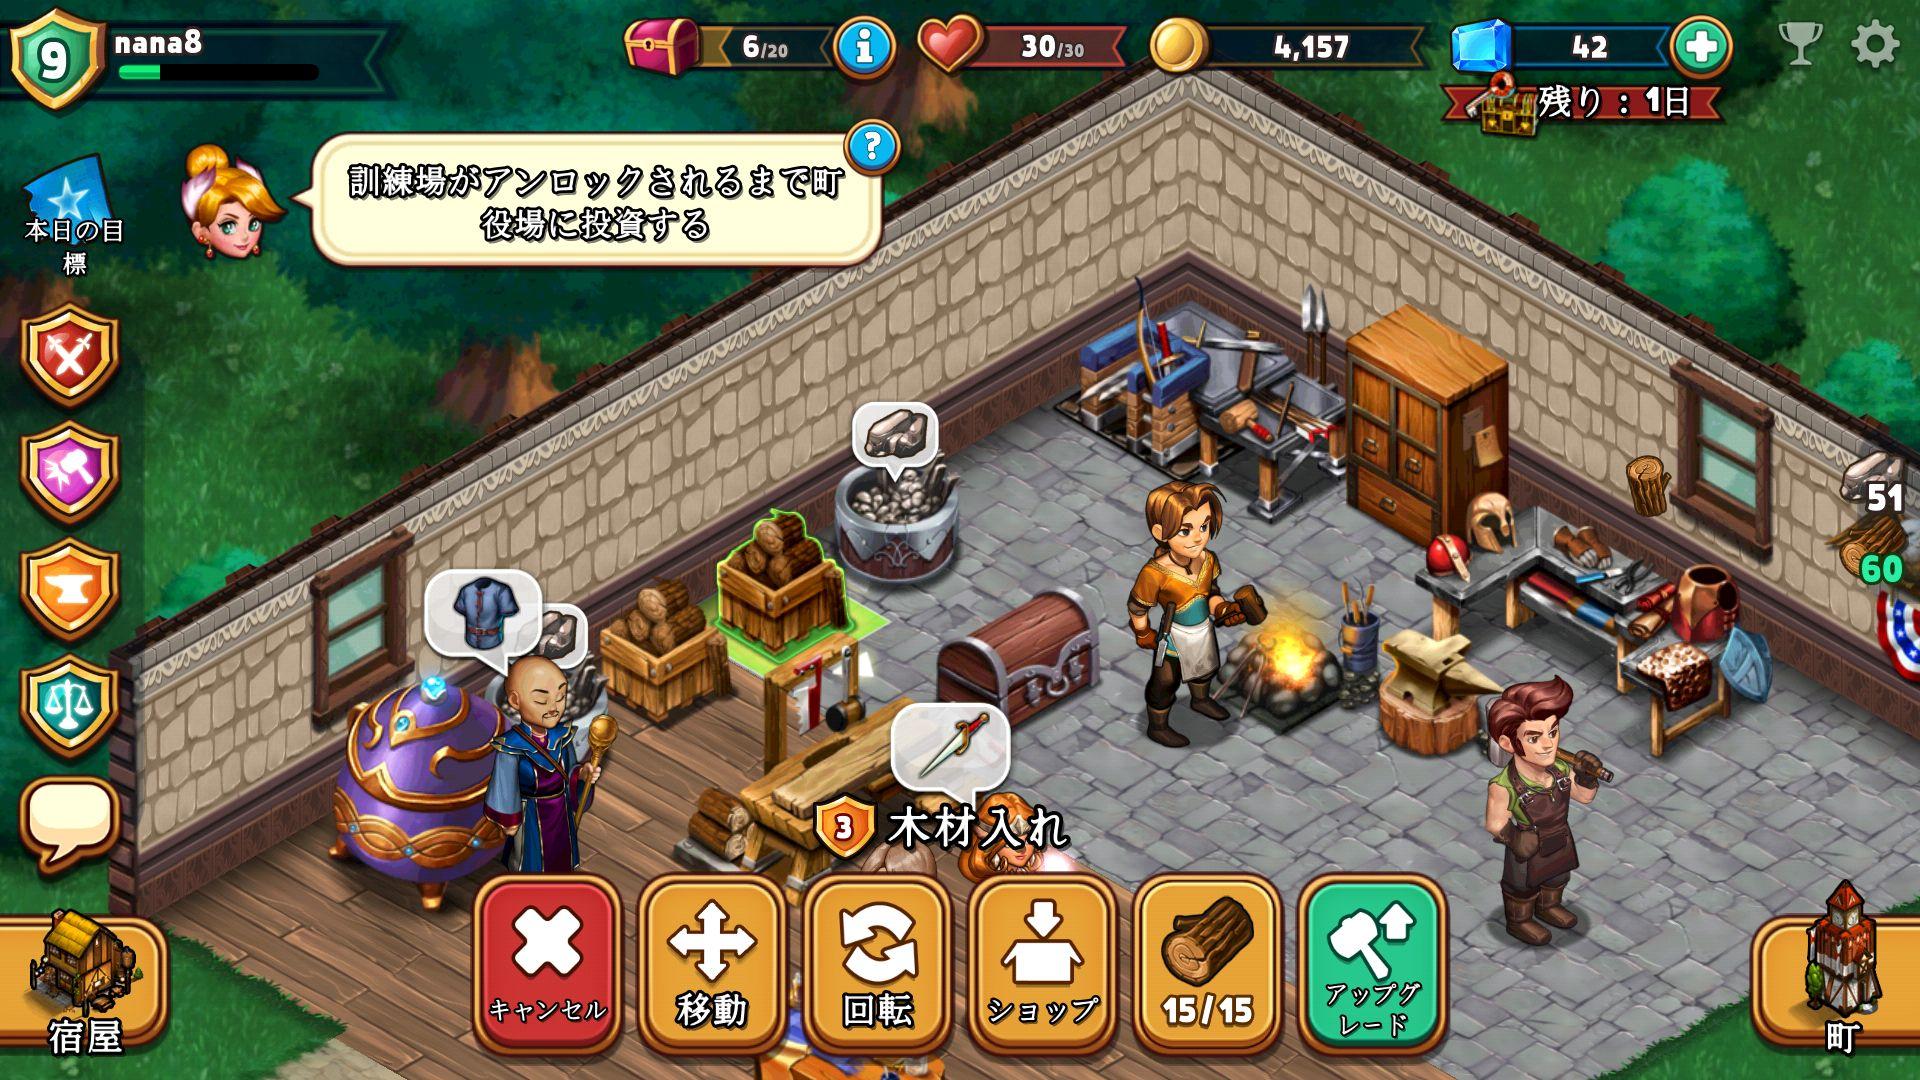 androidアプリ ショップヒーローズ(Shop Heroes)攻略スクリーンショット2